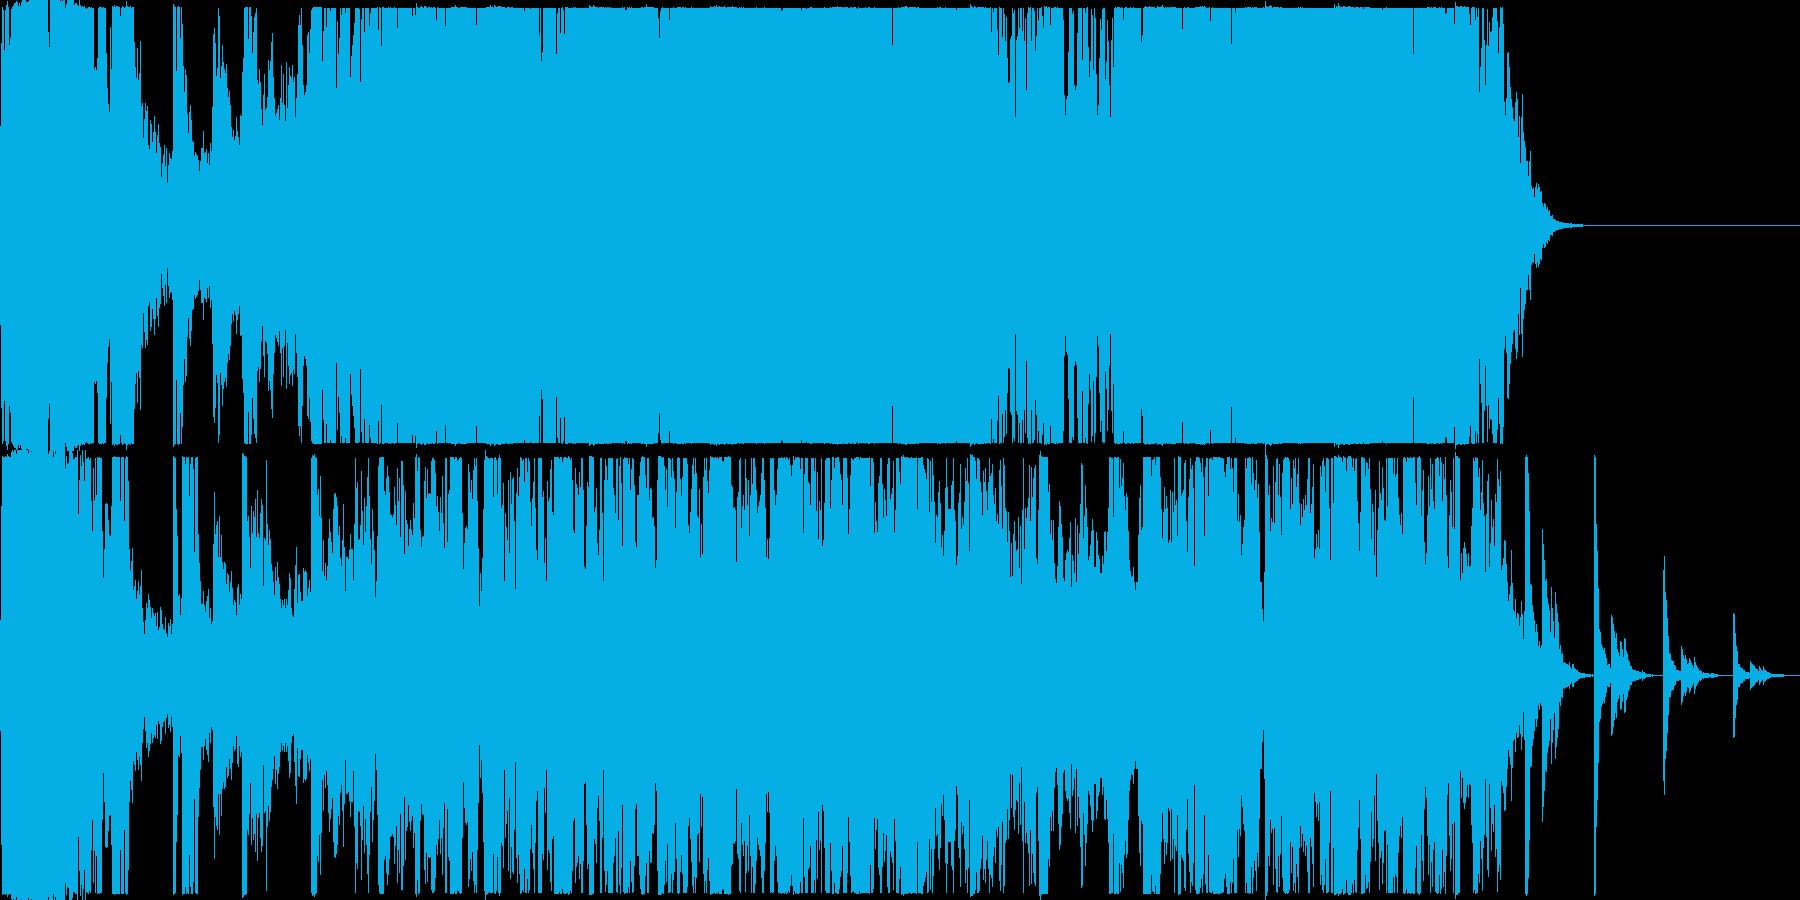 インダストリアルな音を使用した曲の再生済みの波形